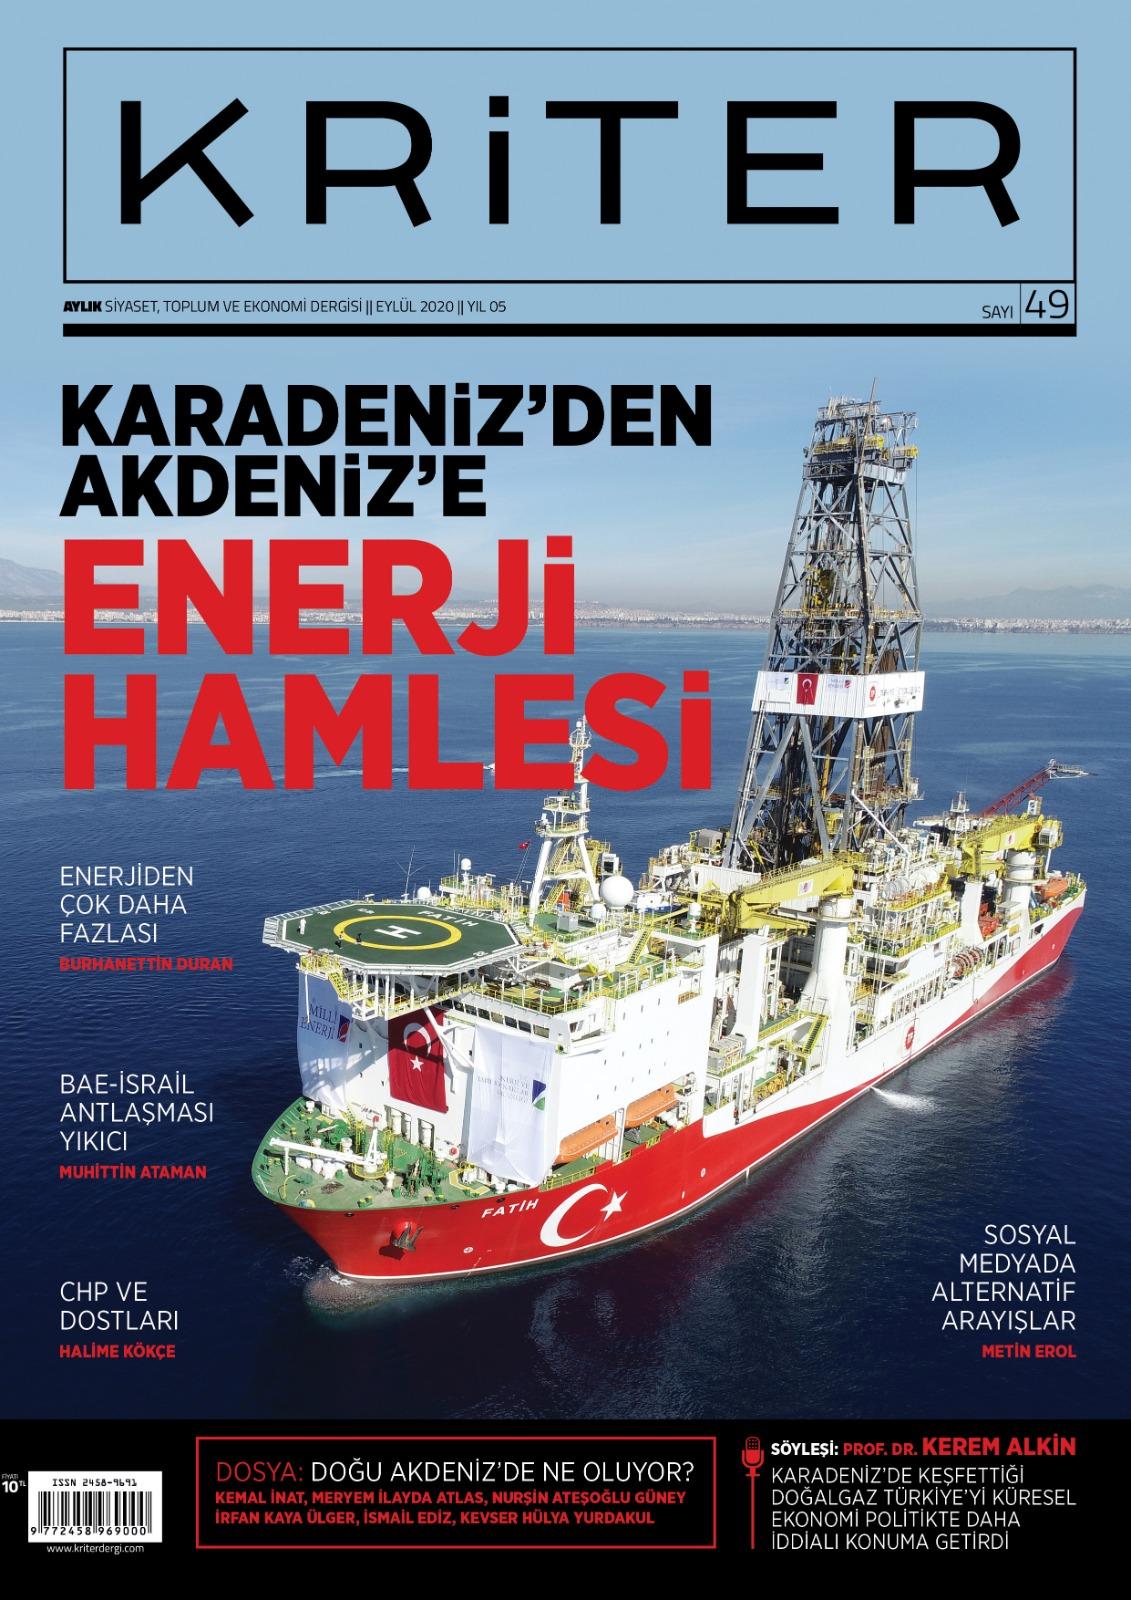 Kriter'in Eylül Sayısı Çıktı: Karadeniz'den Akdeniz'e Enerji Hamlesi